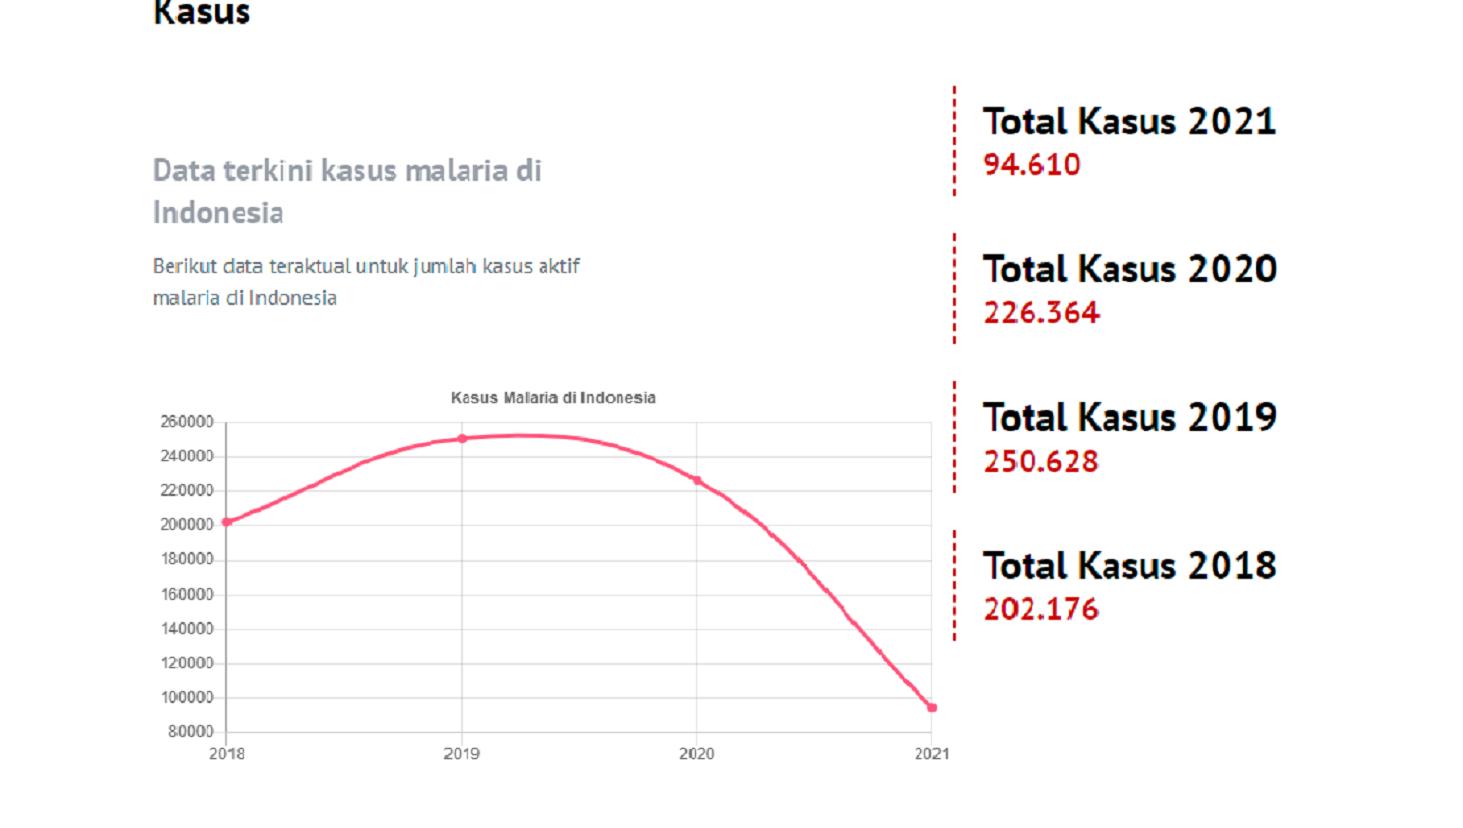 Jumlah kasus malaria di Indonesia